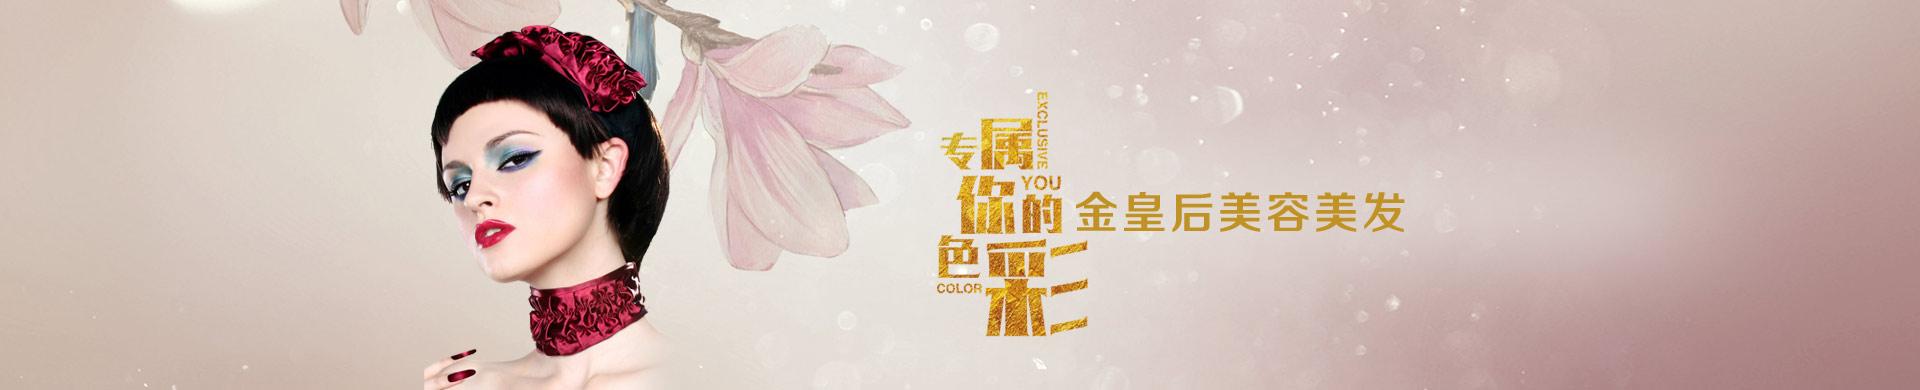 邯郸化妆学校